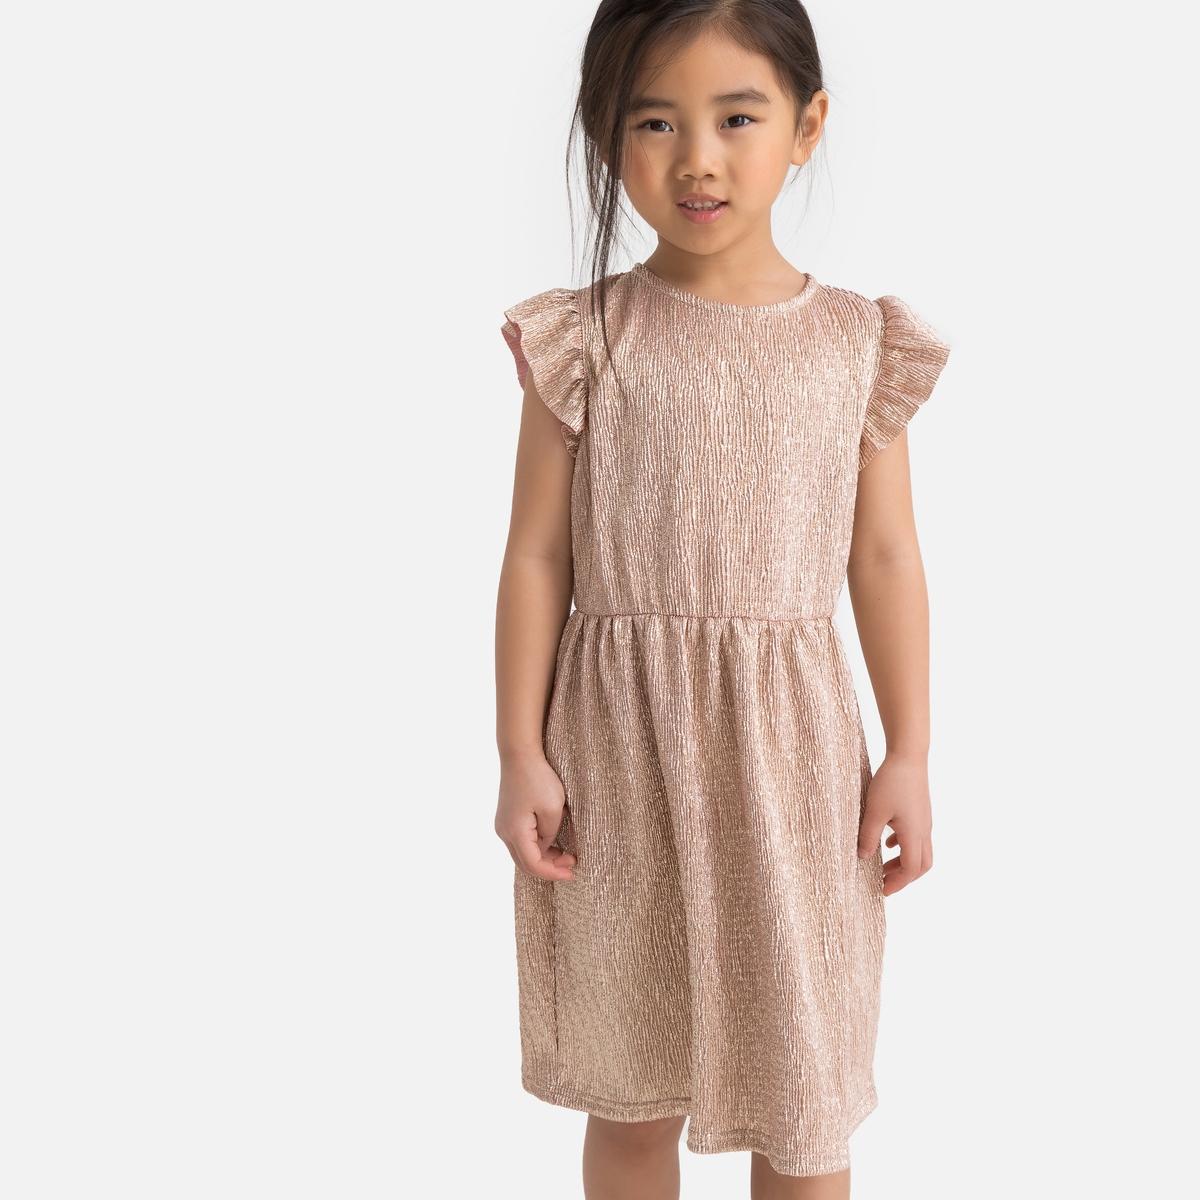 цена Платье La Redoute Из блестящего материала с воланами 3 года - 94 см золотистый онлайн в 2017 году